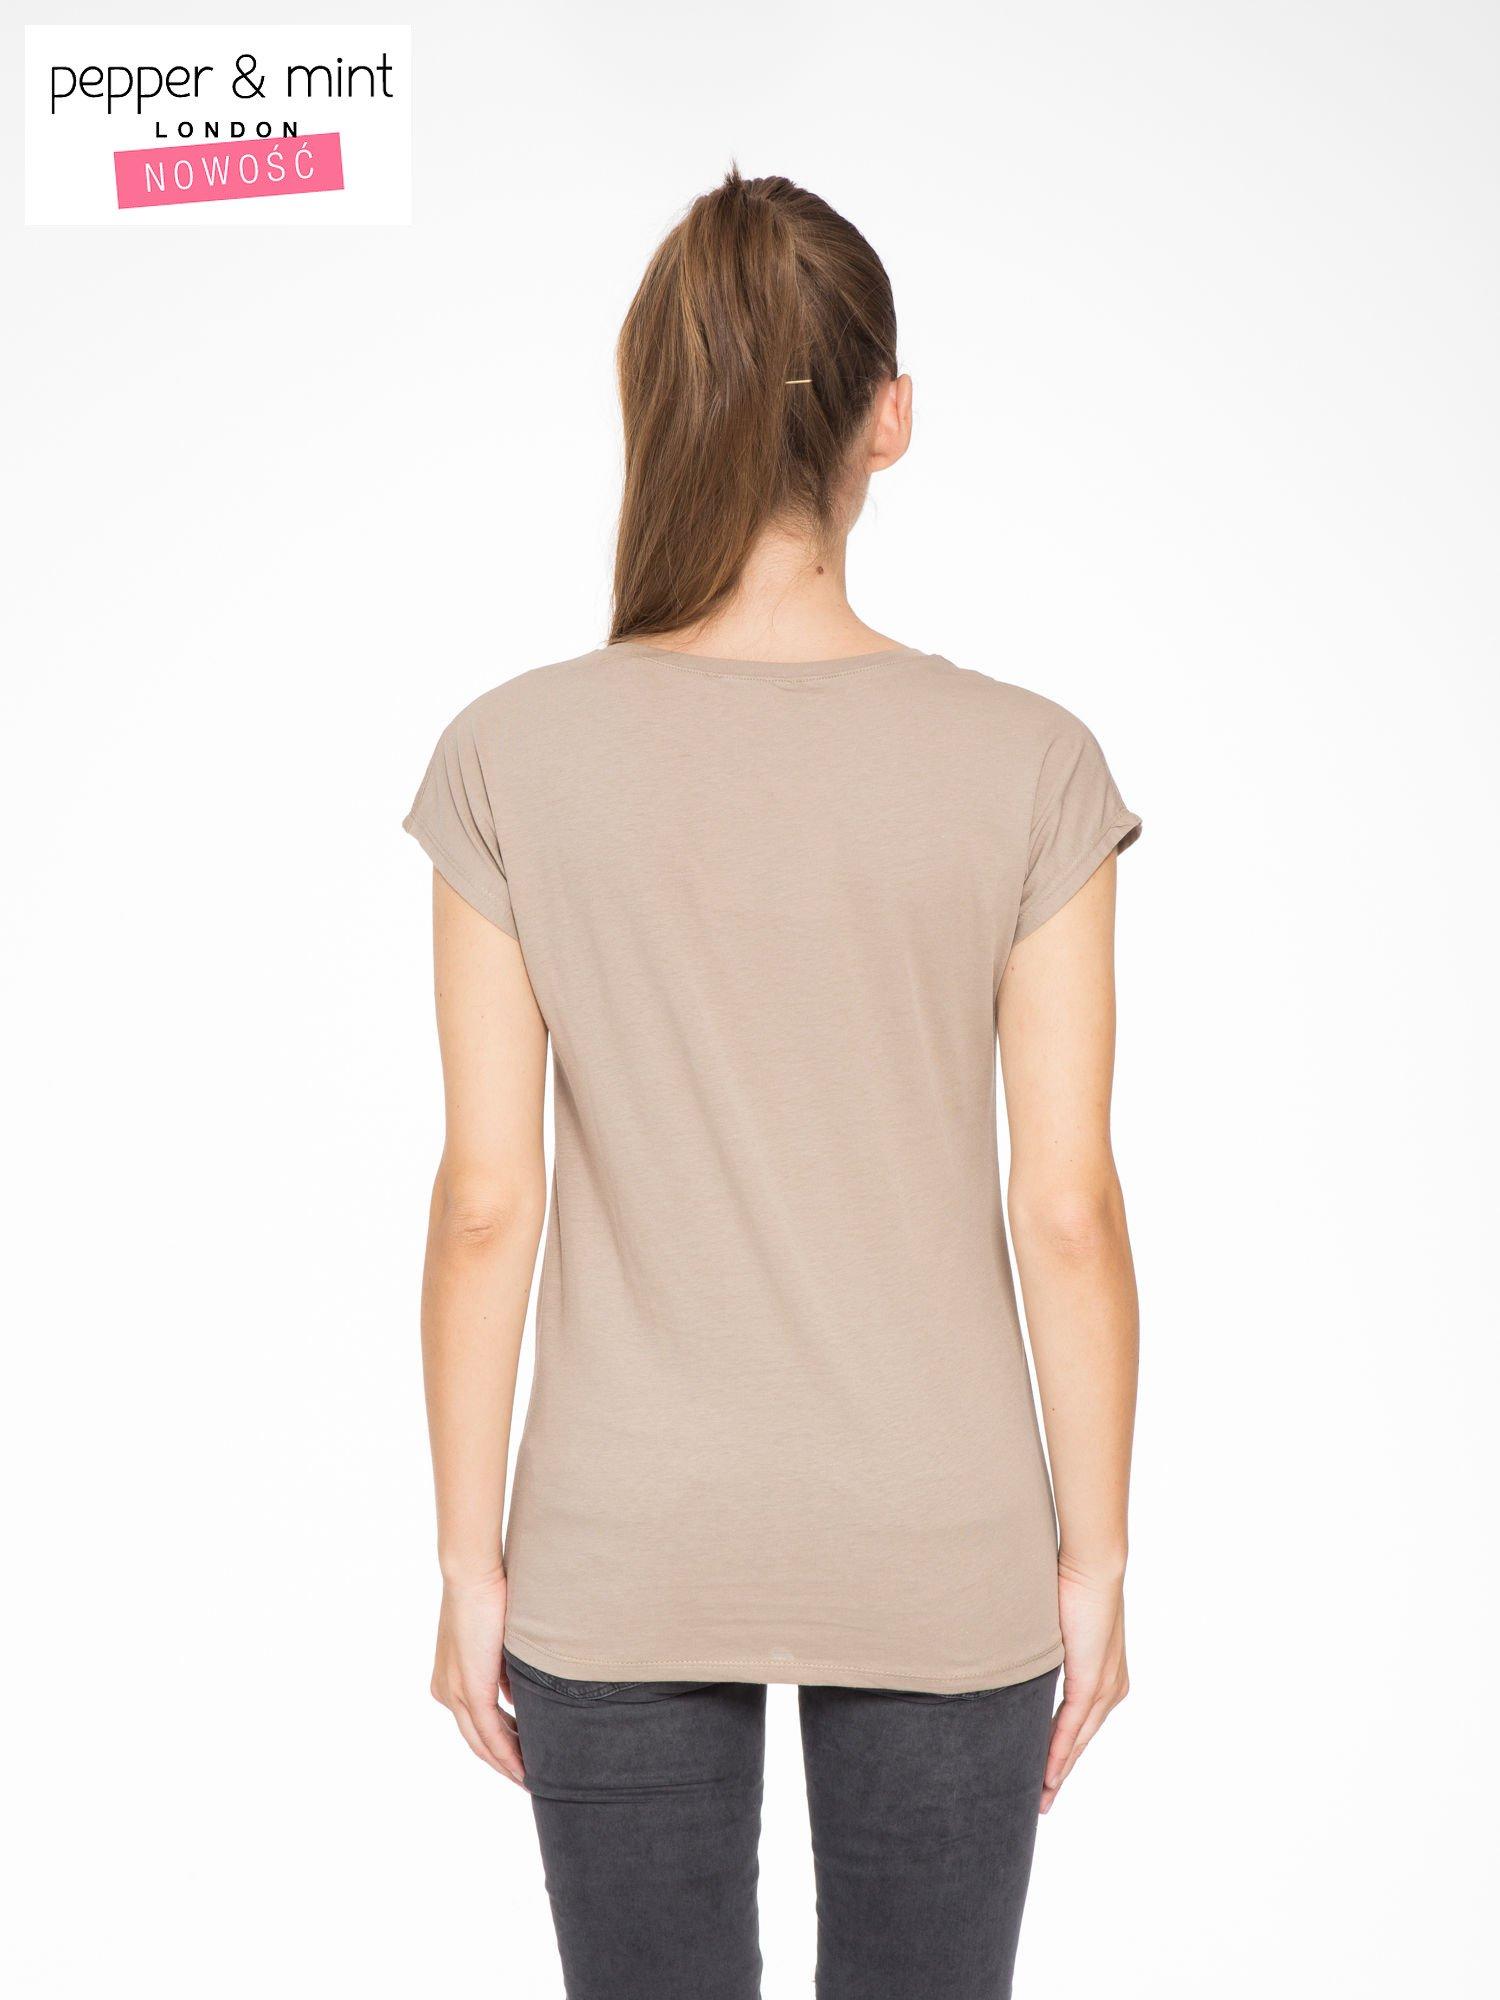 Jasnobrązowy t-shirt z fotografią drogi i napisem ADVENTURE                                  zdj.                                  4